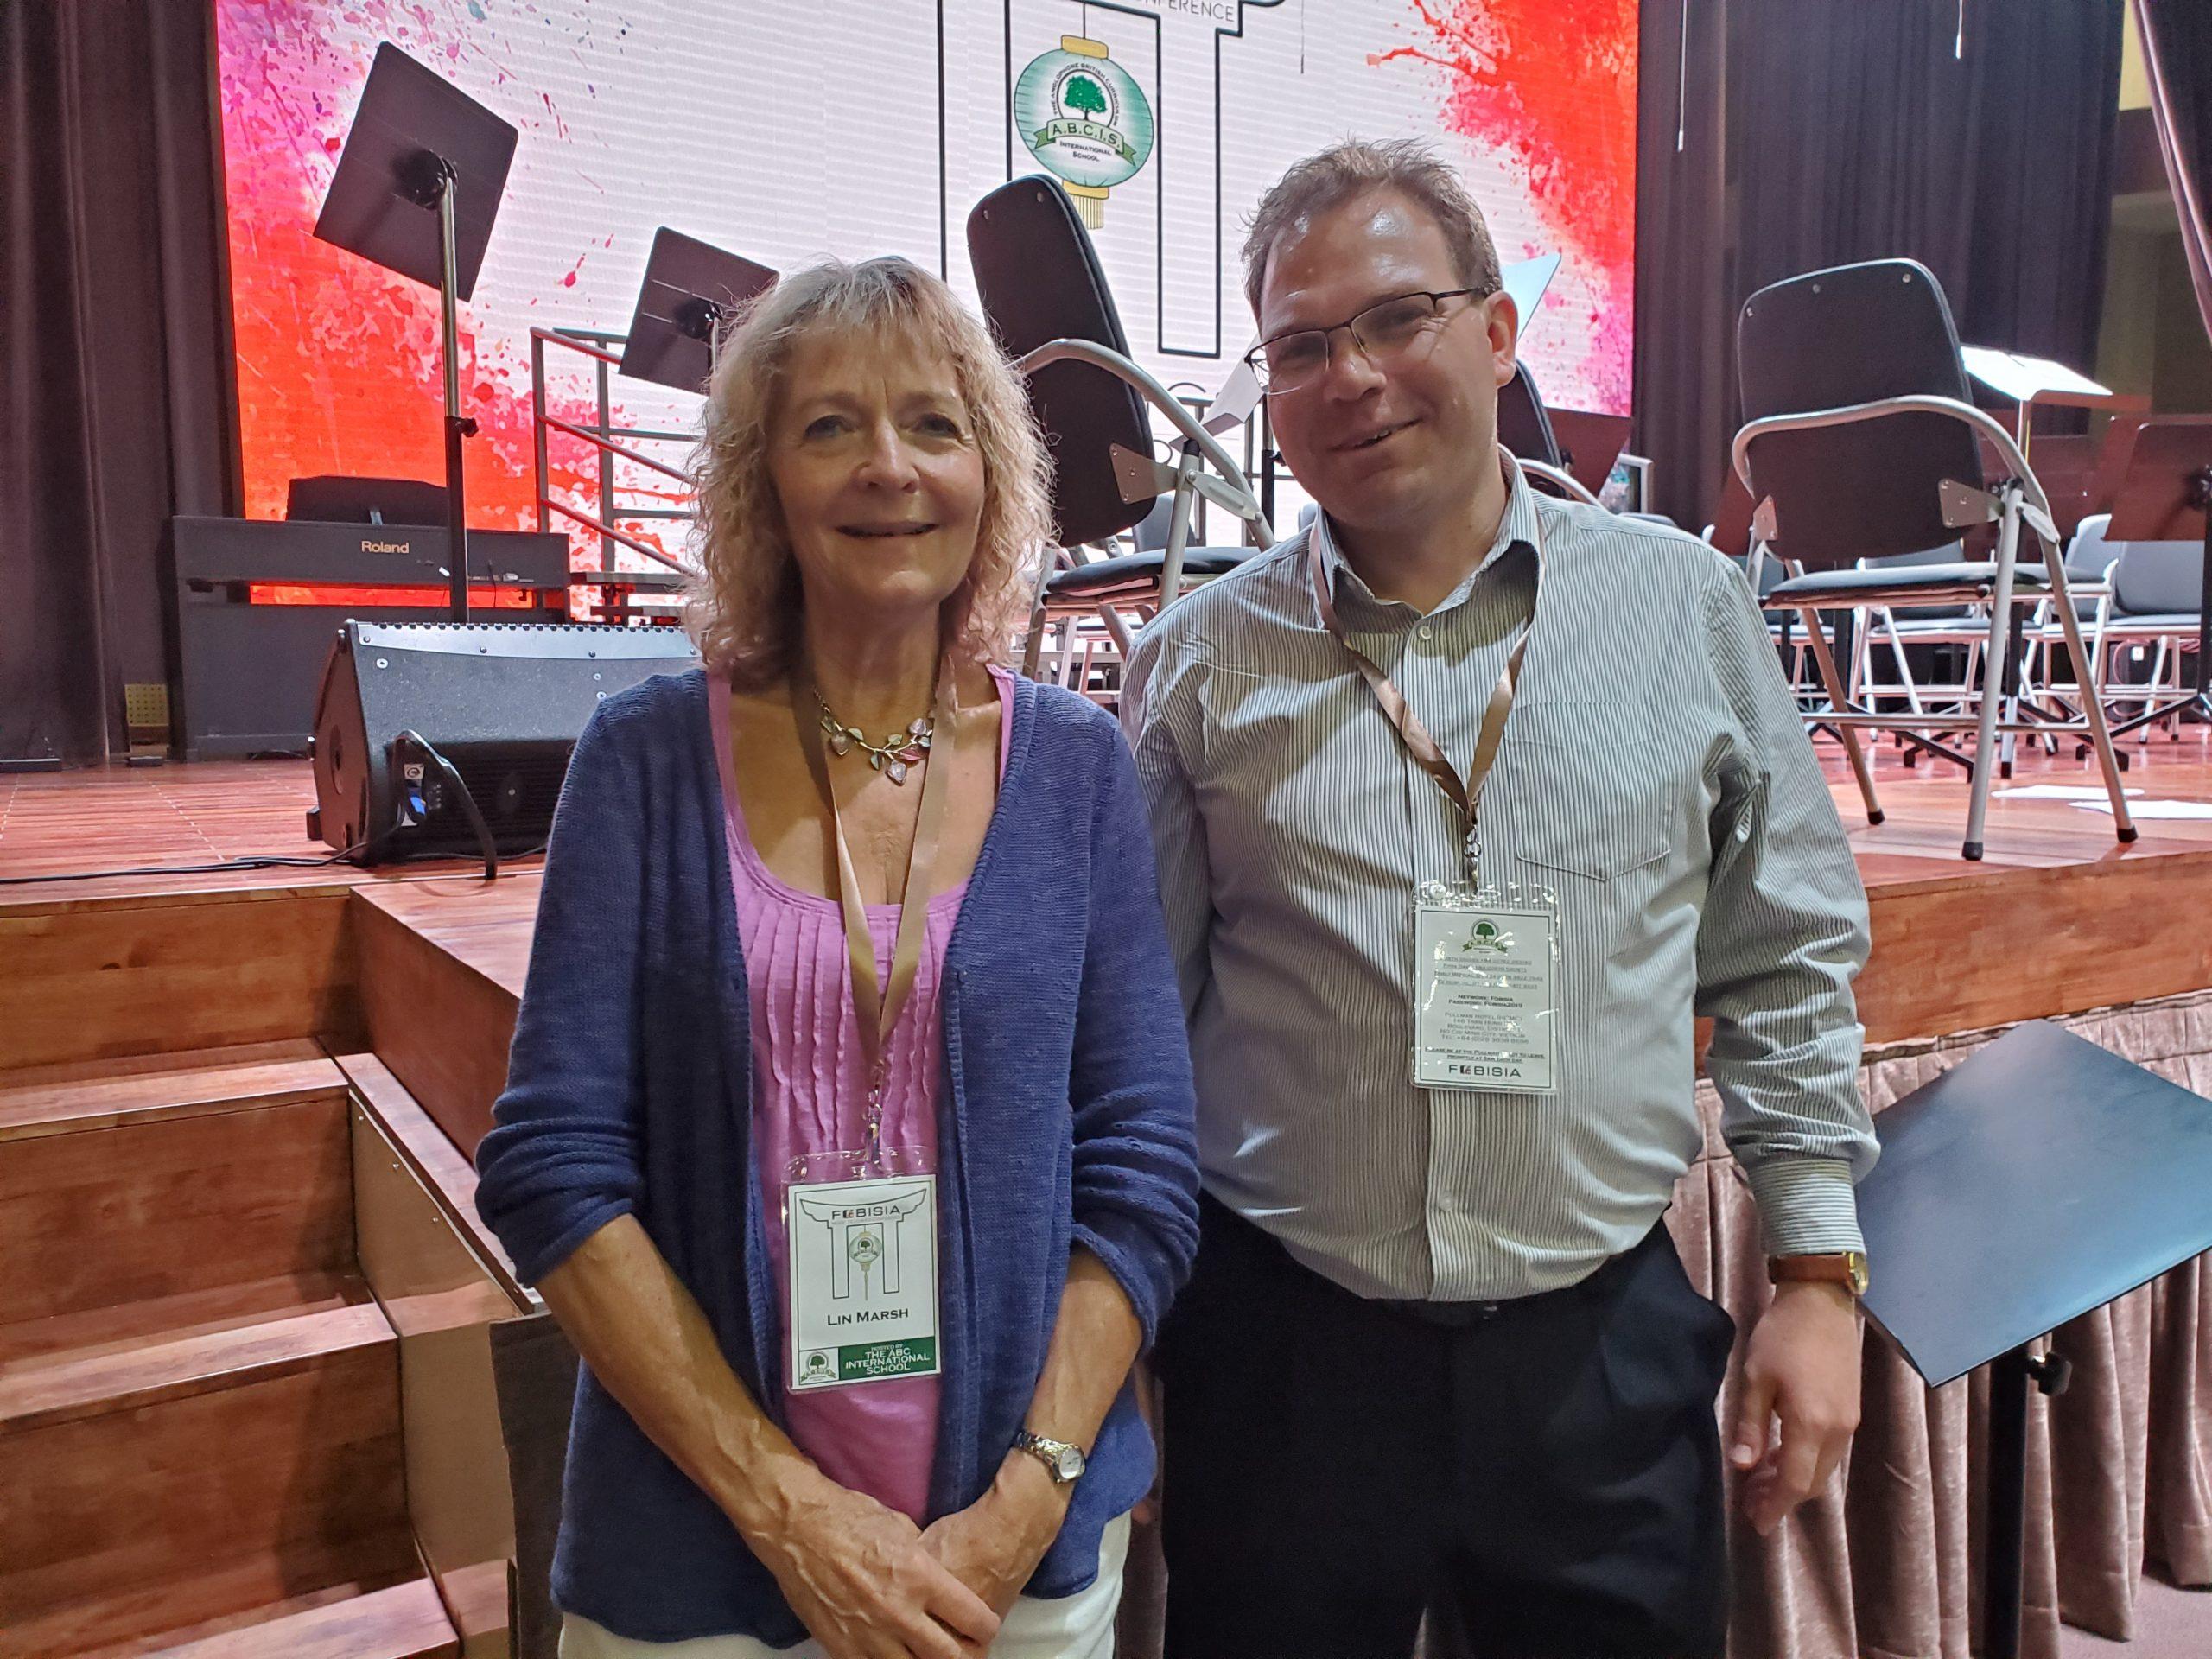 Scott Welcomme & Lin Marsh